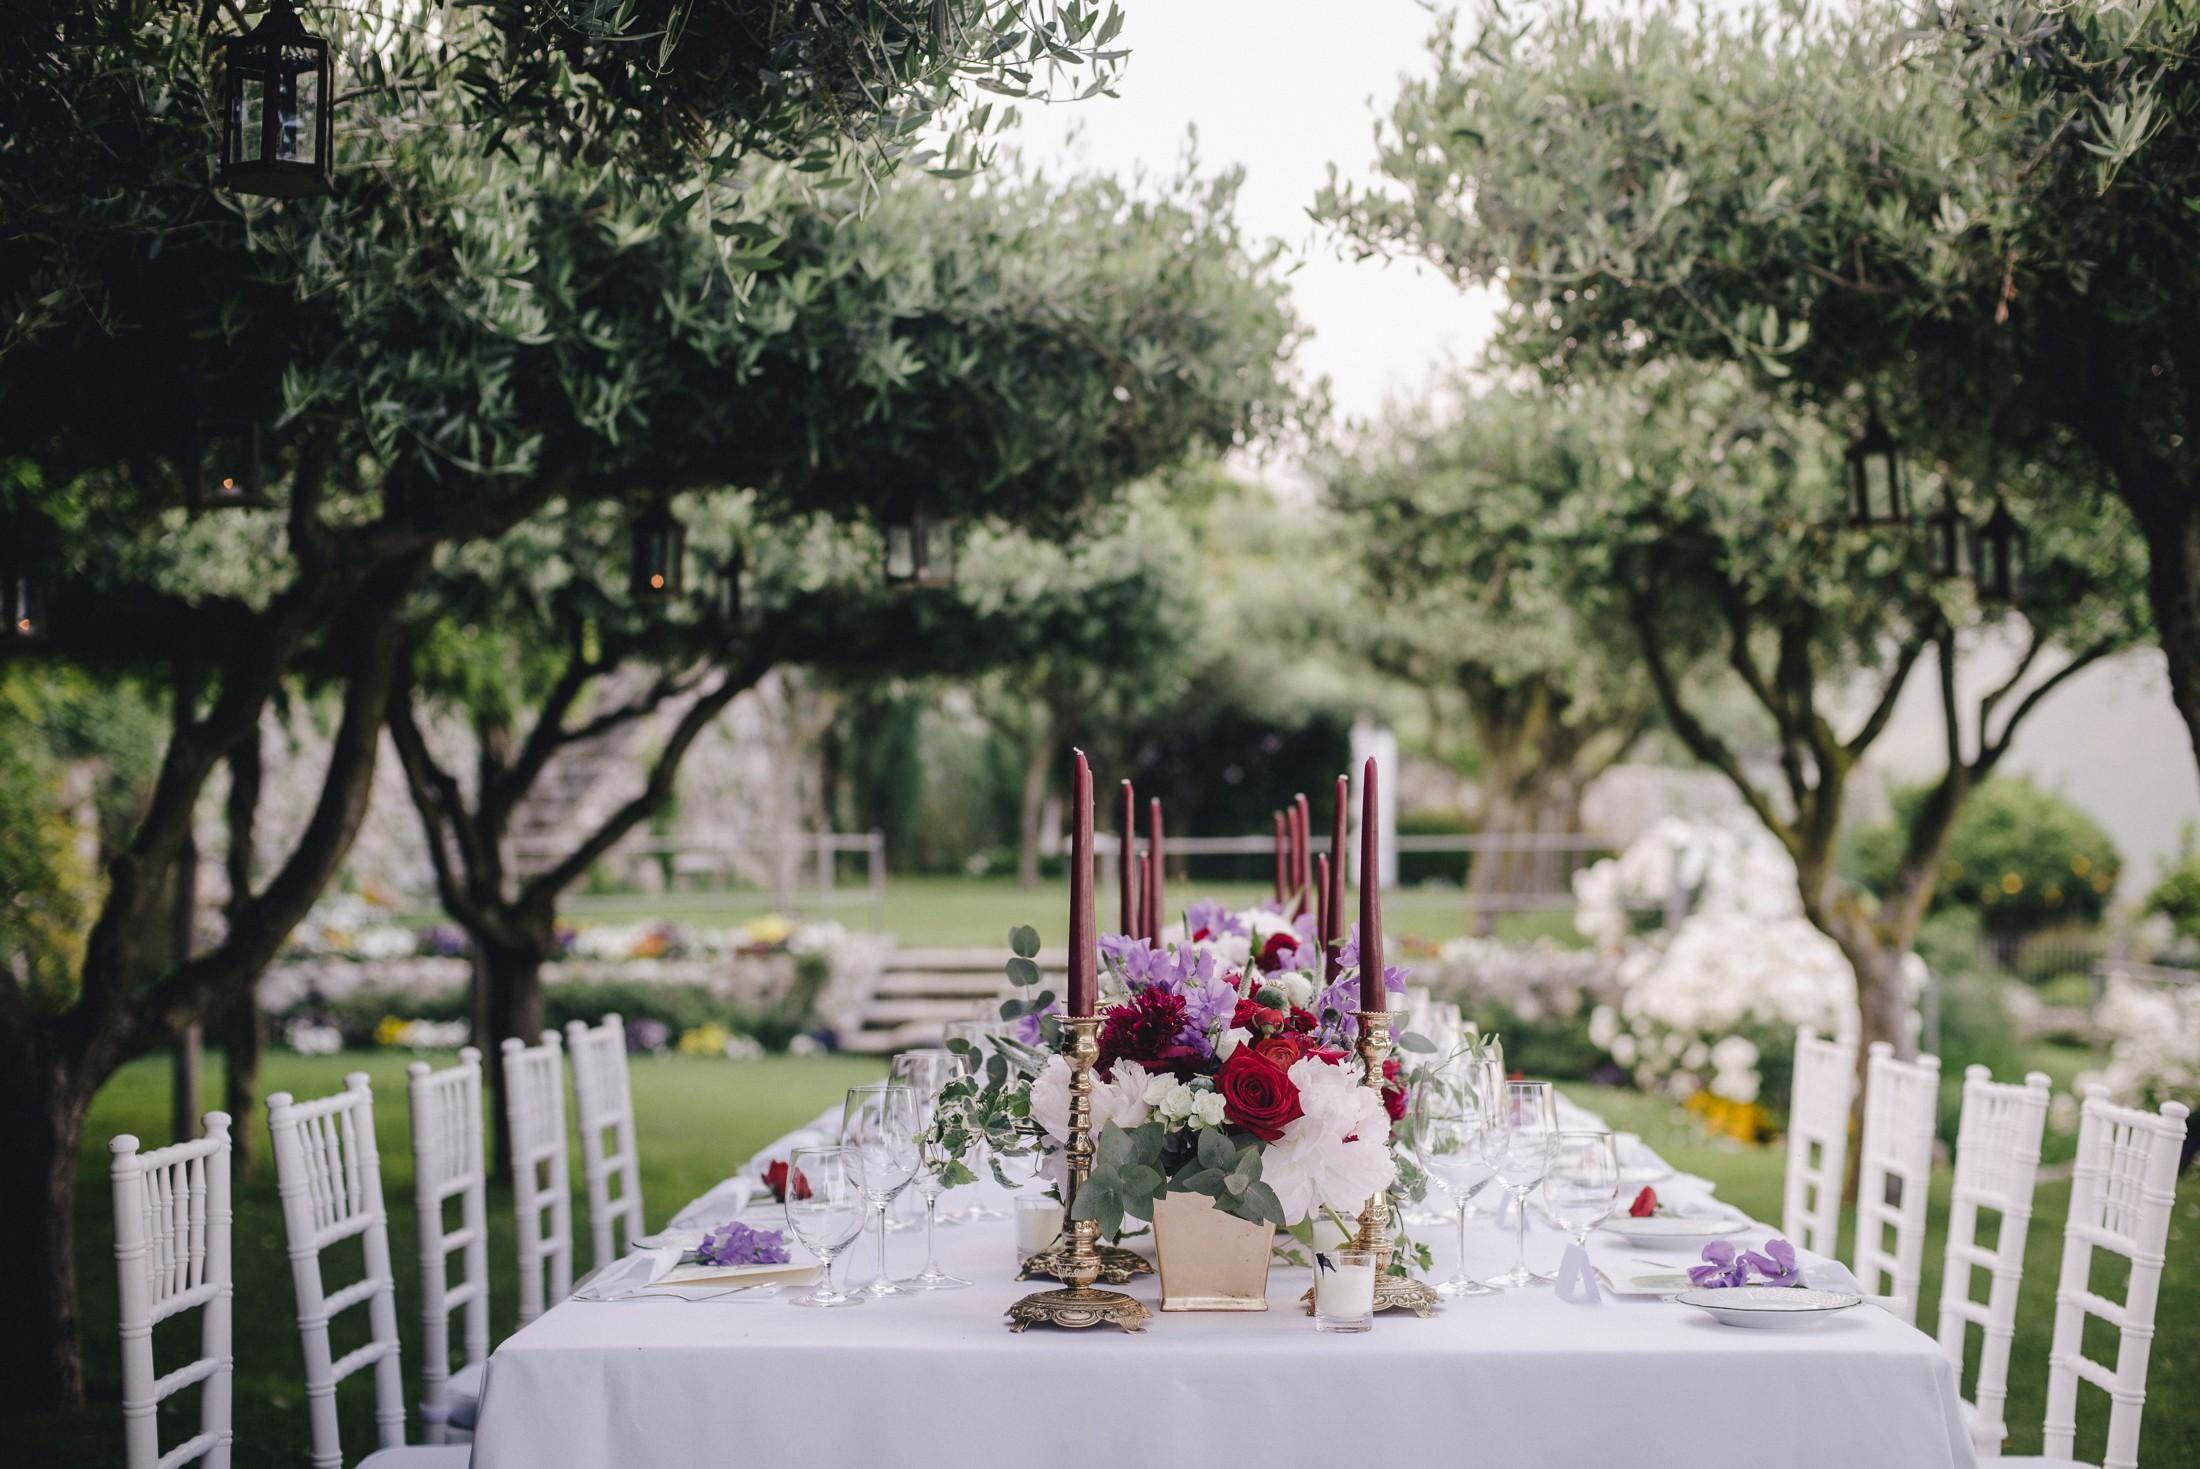 adriana alfano wedding table at hotel caruso ravello italy